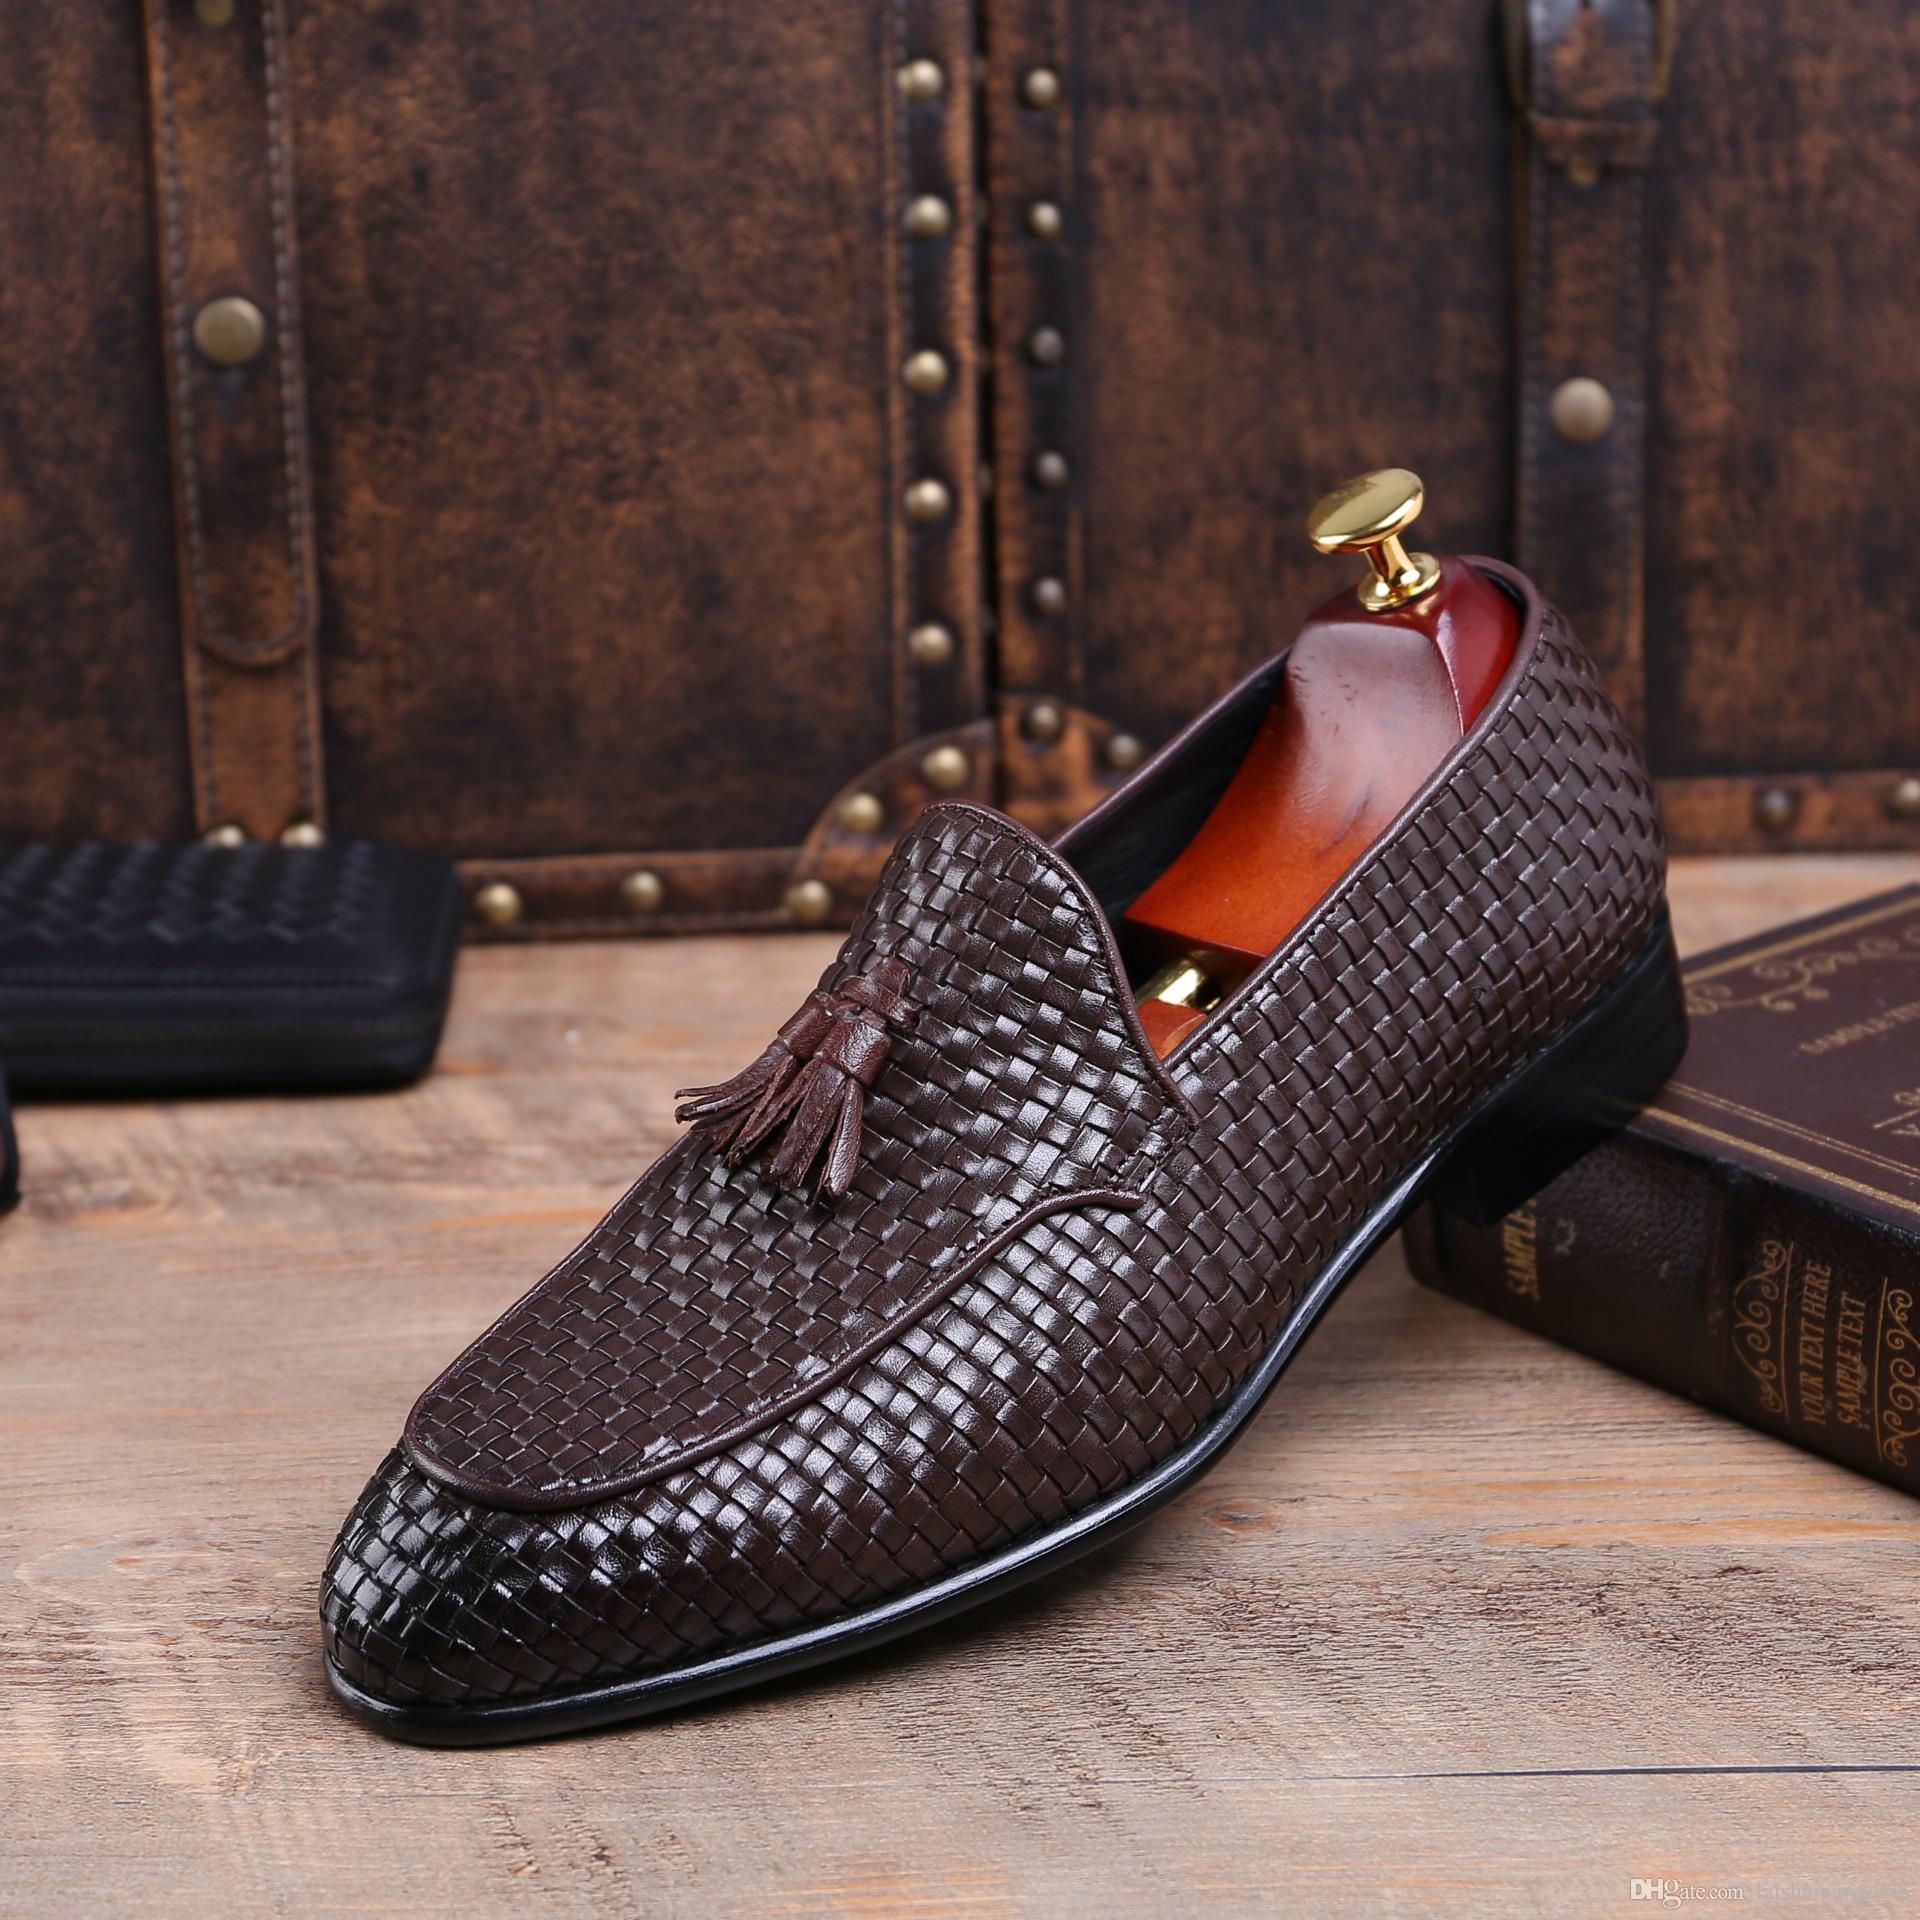 Zapatos Hombre Para Italiana Masculina Hombres Zapatos De Diseñador Cuero Hombres Oxford Genuino Boda Ventas Zapatos De Compre La Tallado Vestir Moda De BPw00v